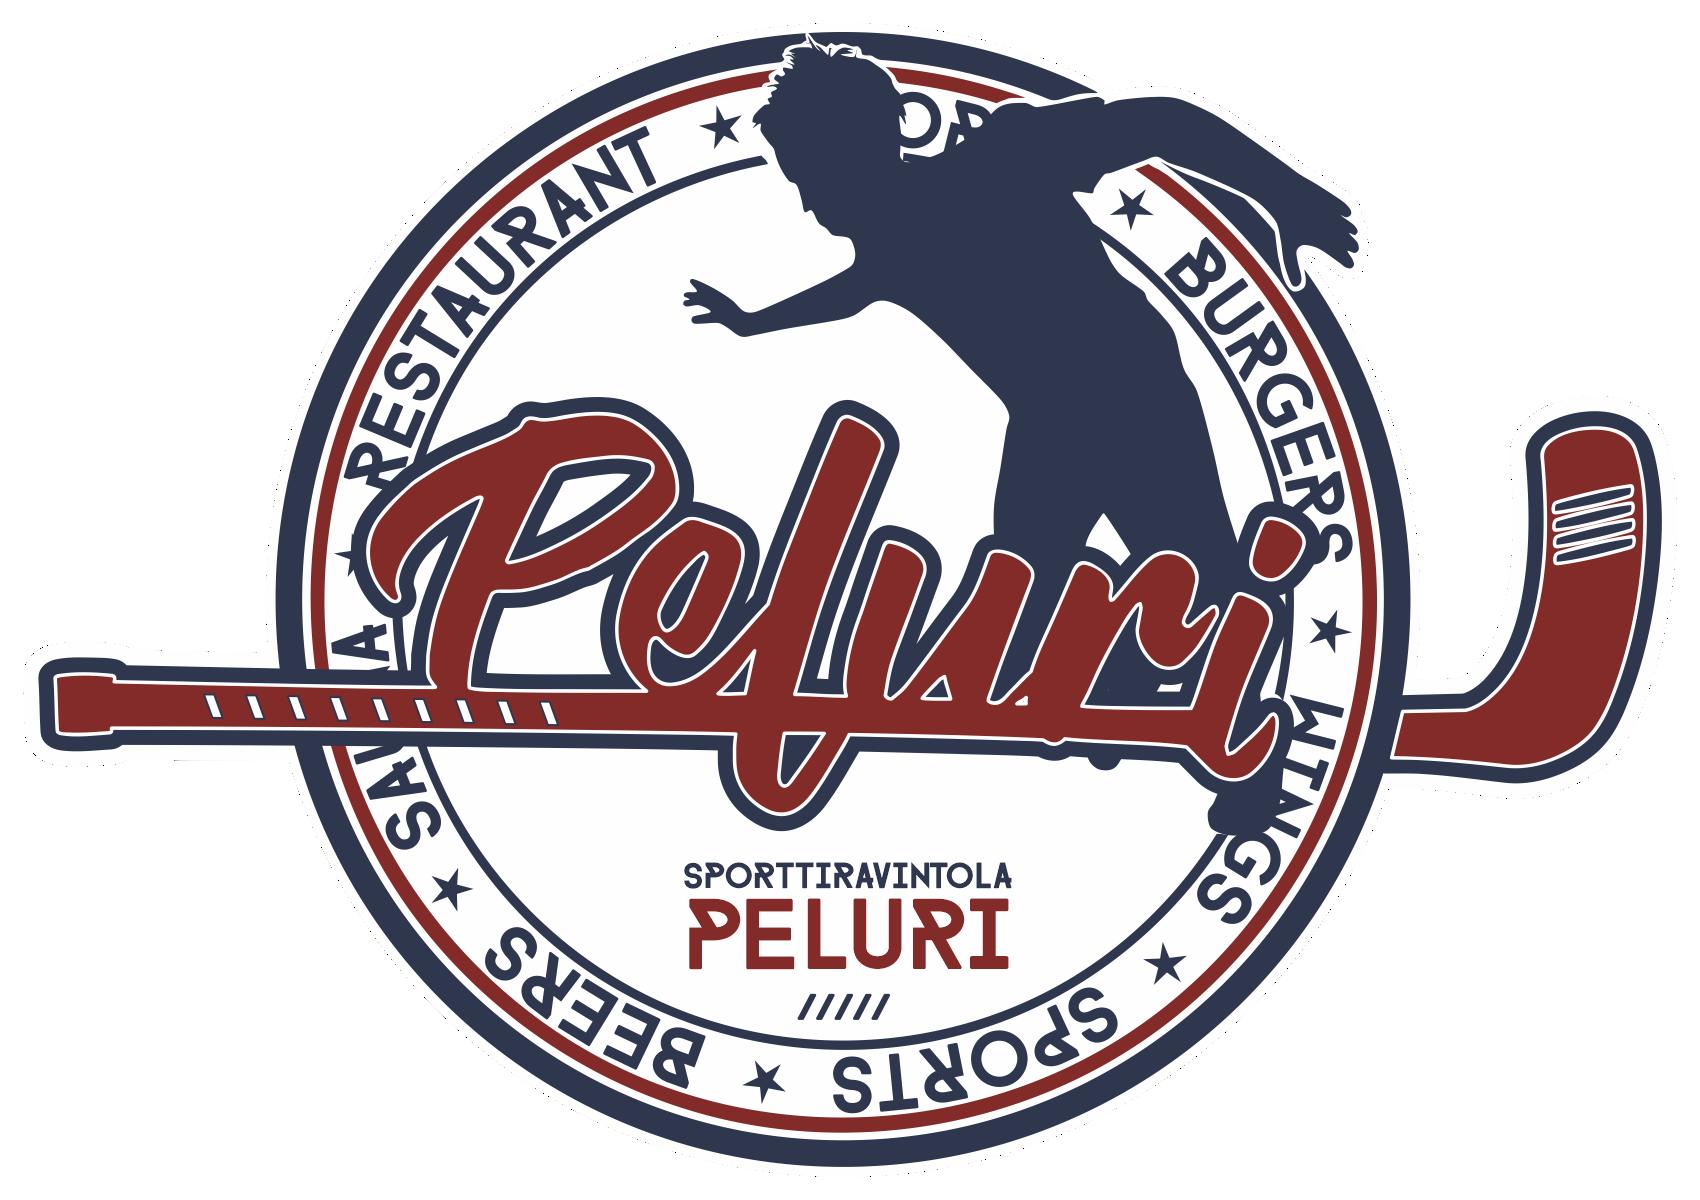 Sporttiravintola Peluri